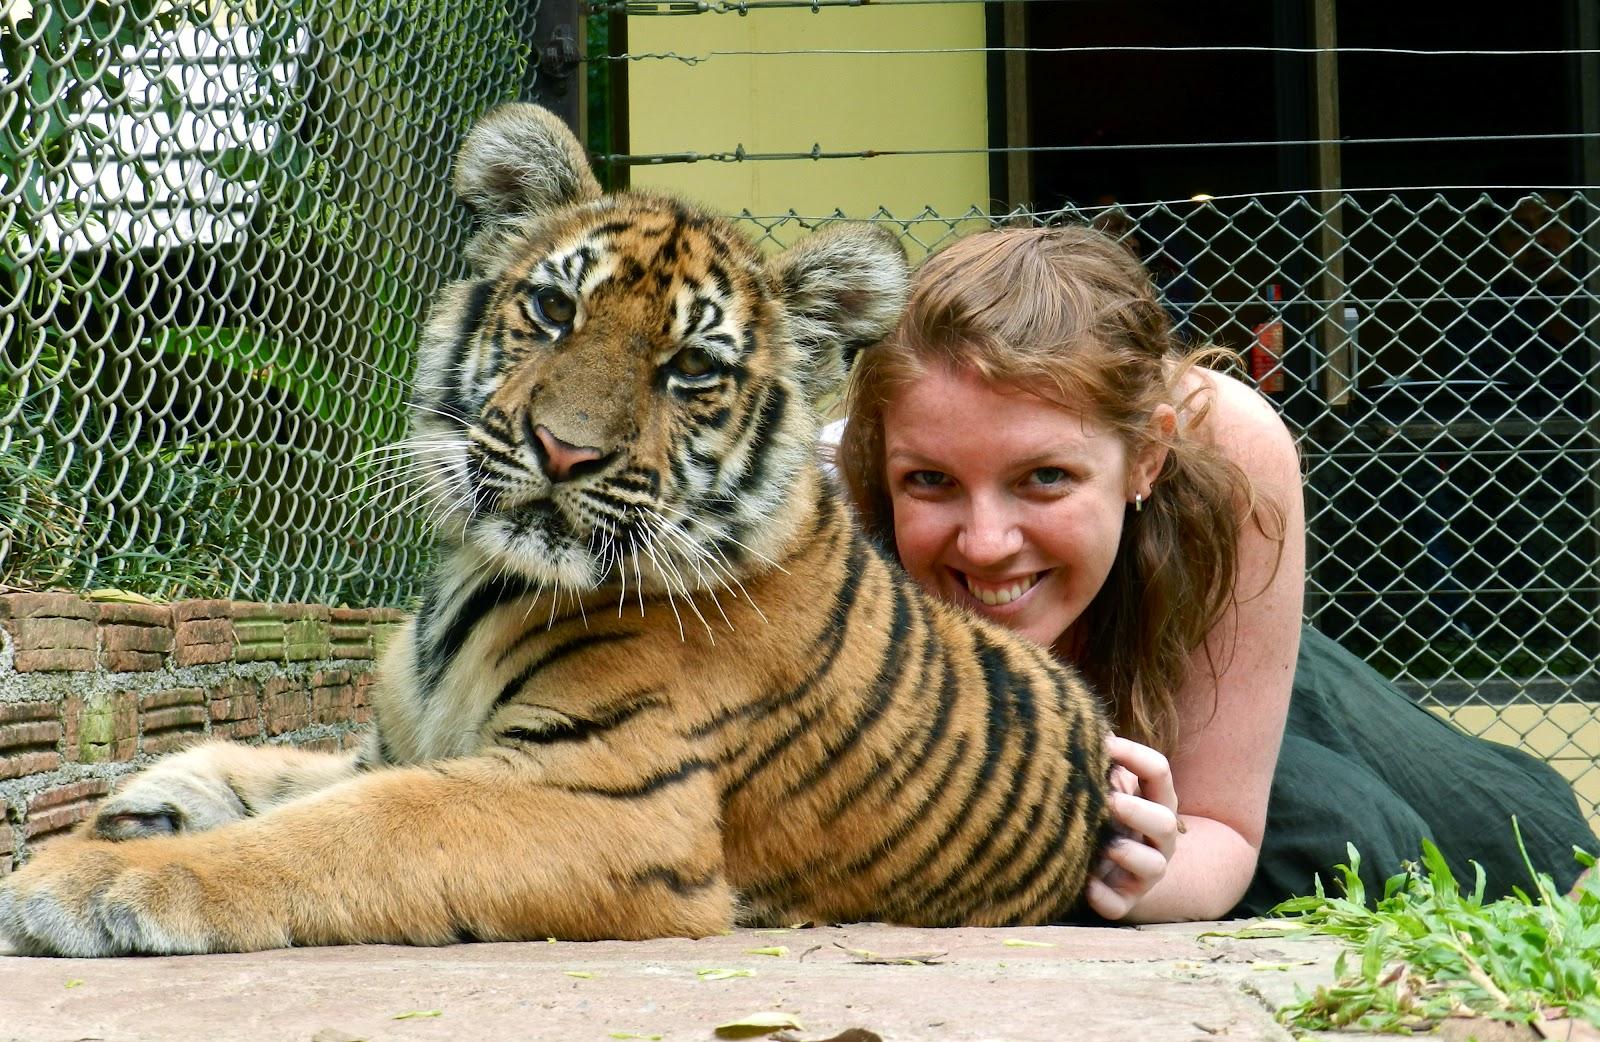 Tiger Temple vs Tiger Kingdom, Thailand (Cute baby tigers)